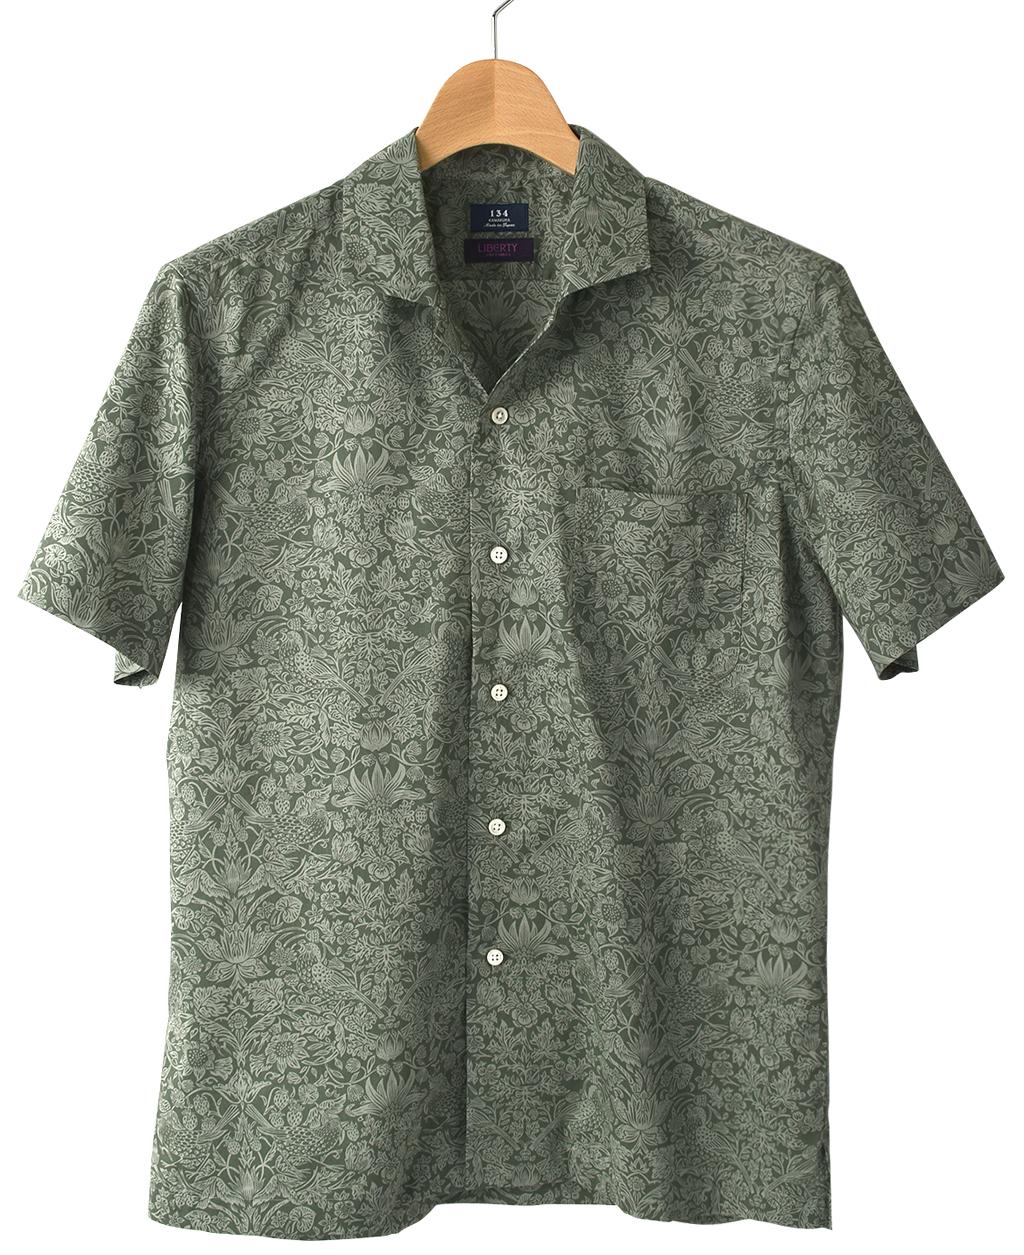 5e269059ada05e 半袖シャツ(オープンカラー)(S グリーン系): メンズ | メーカーズ ...